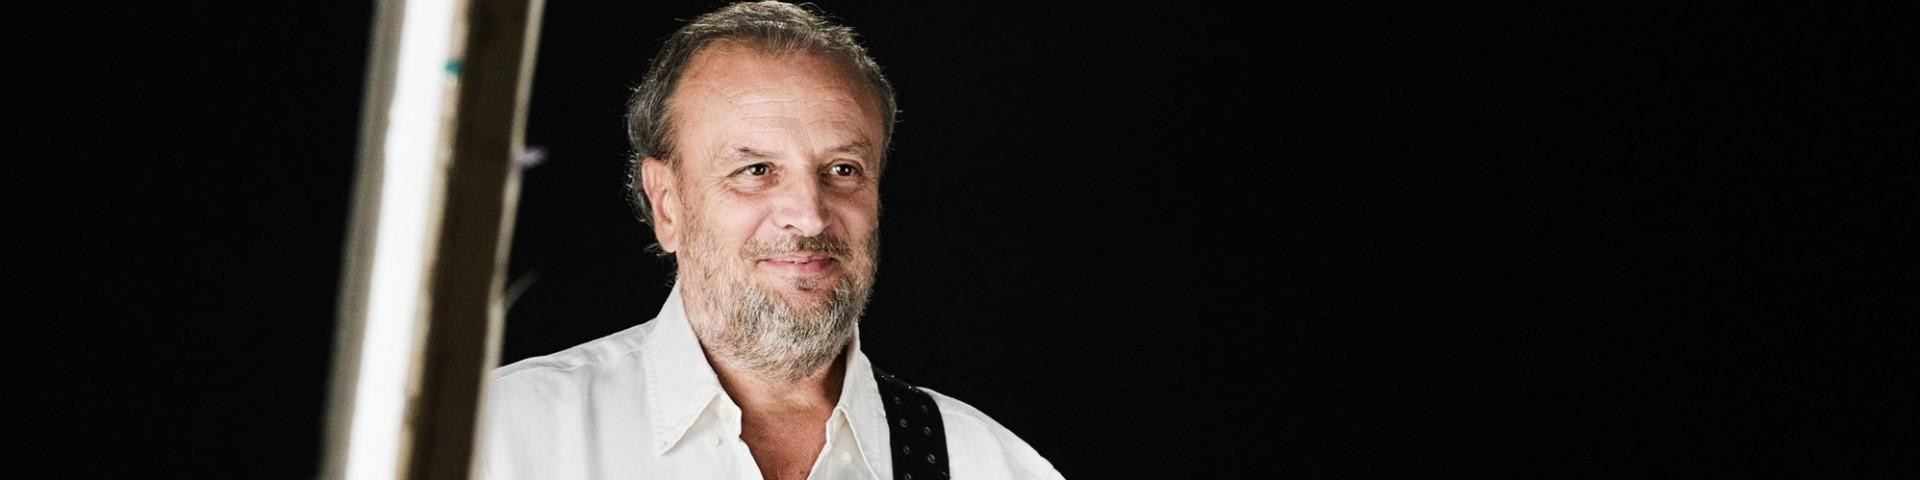 Ivano Fossati spiega il motivo dell'assenza nel film su Mia Martini